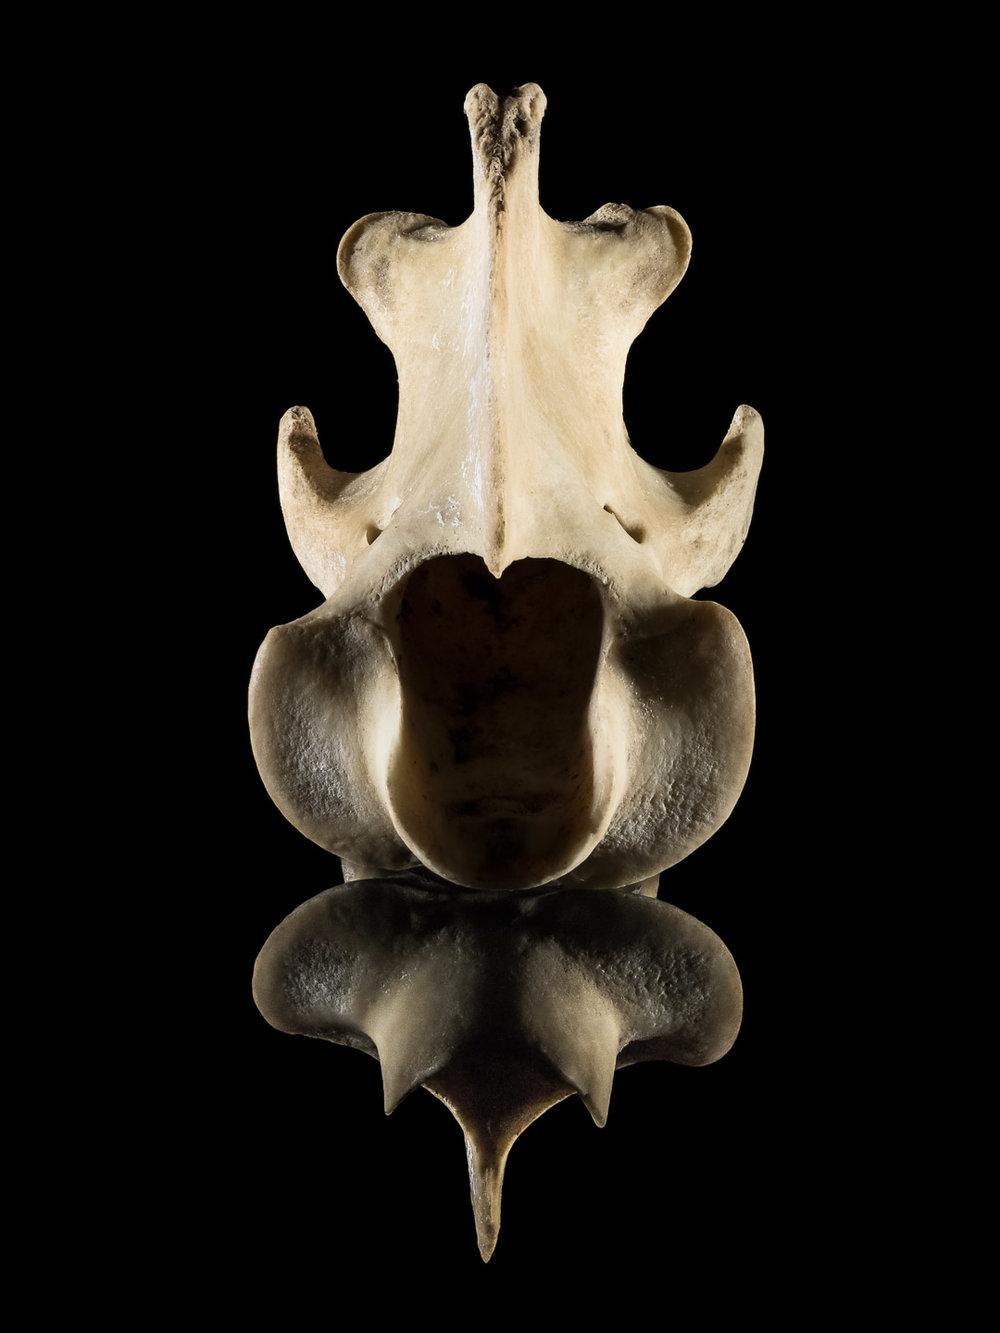 Tim Platt - still life bones